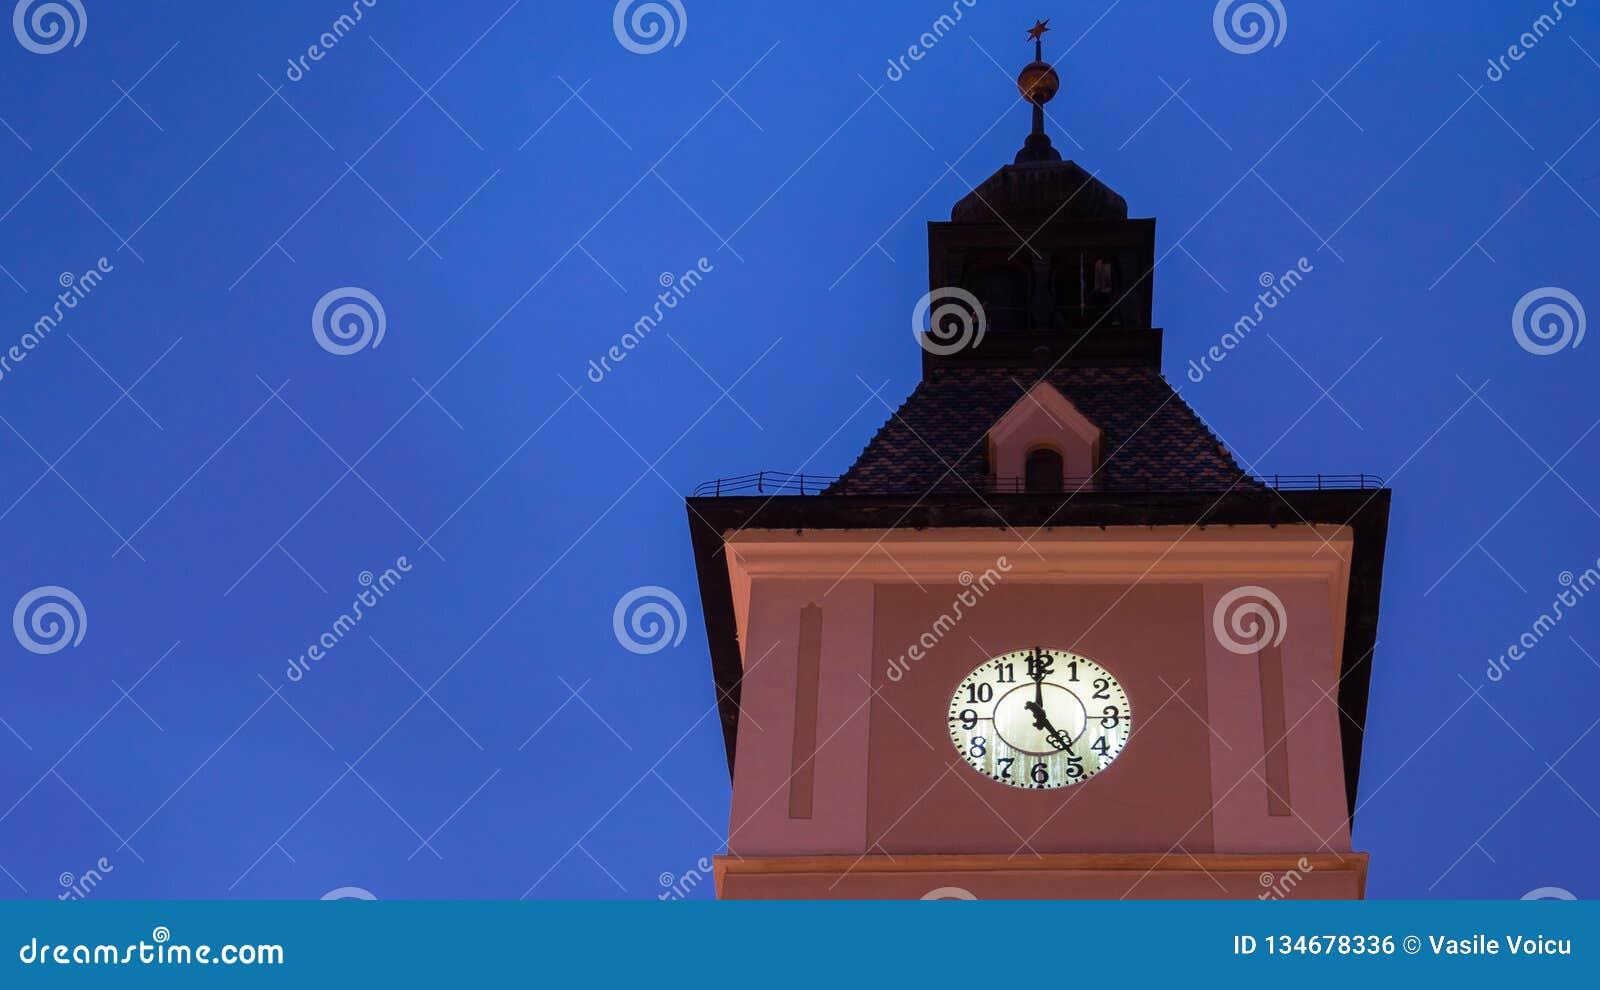 5 Uhr auf der Turmuhr unter dem blauen Himmel